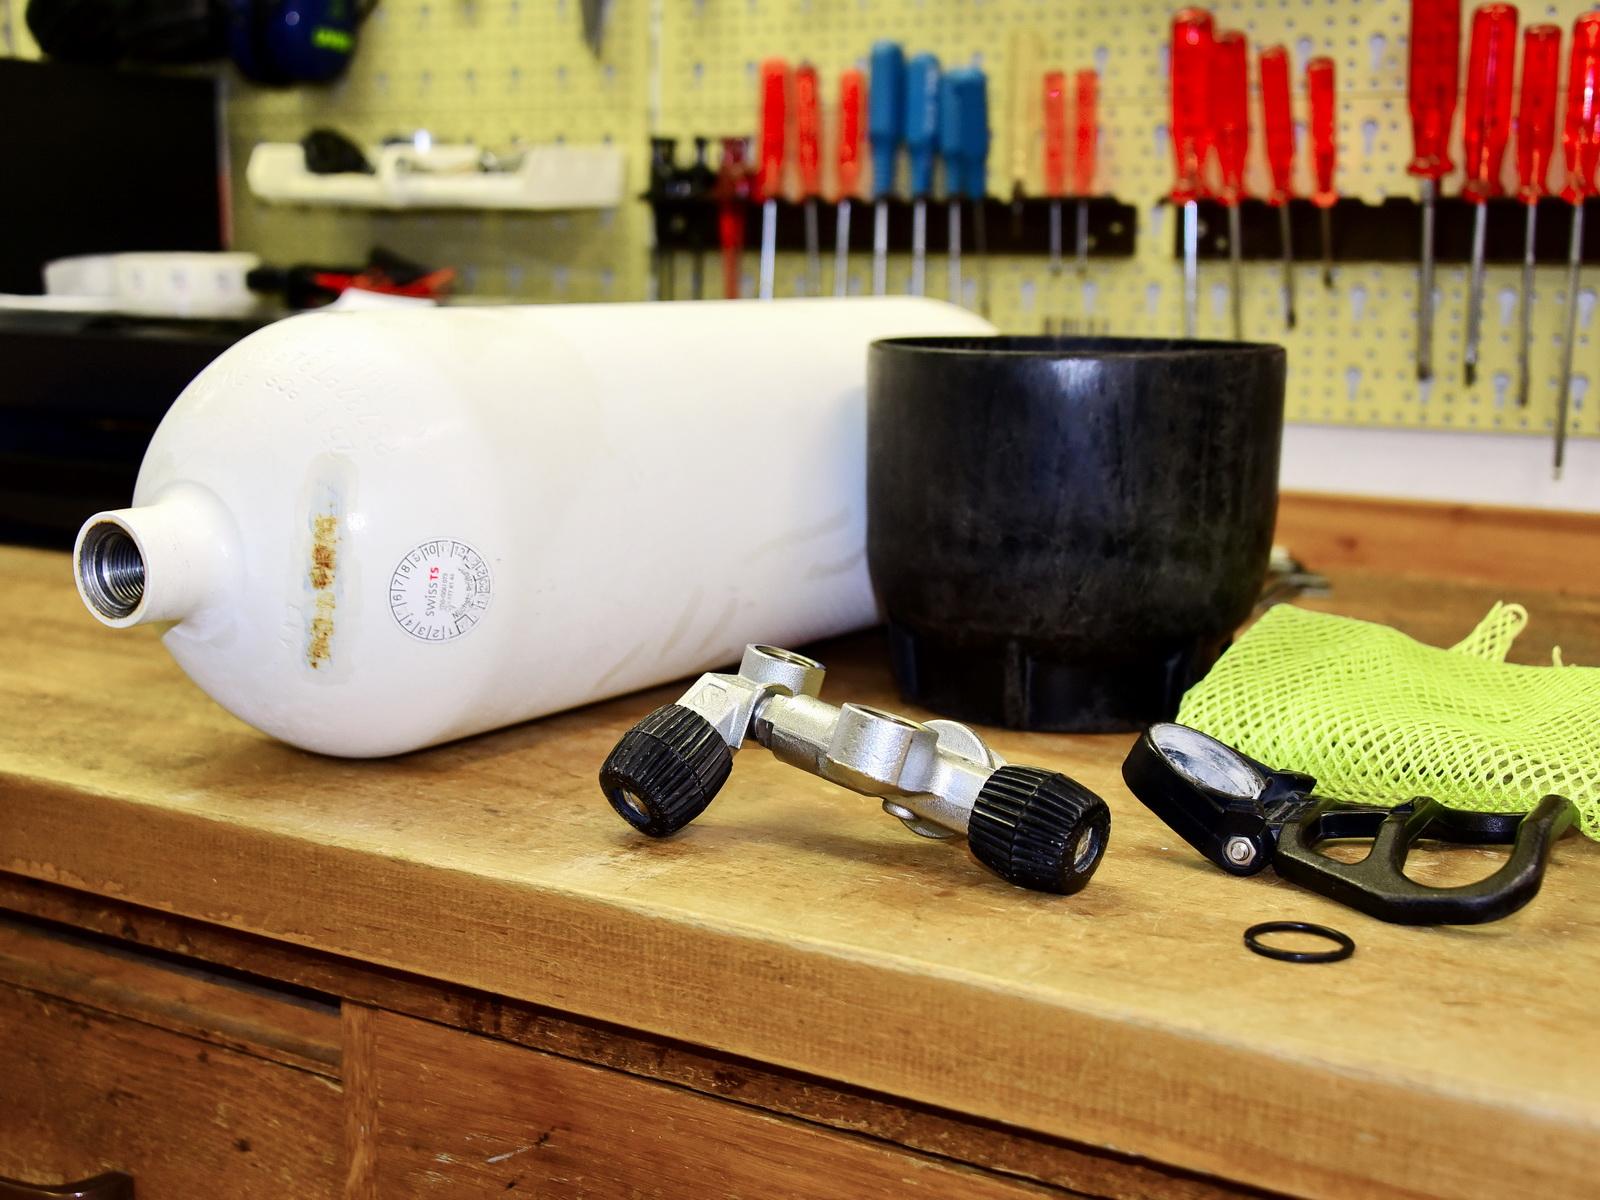 Tauchflasche wird für die Flascheprüfung vorbereitet